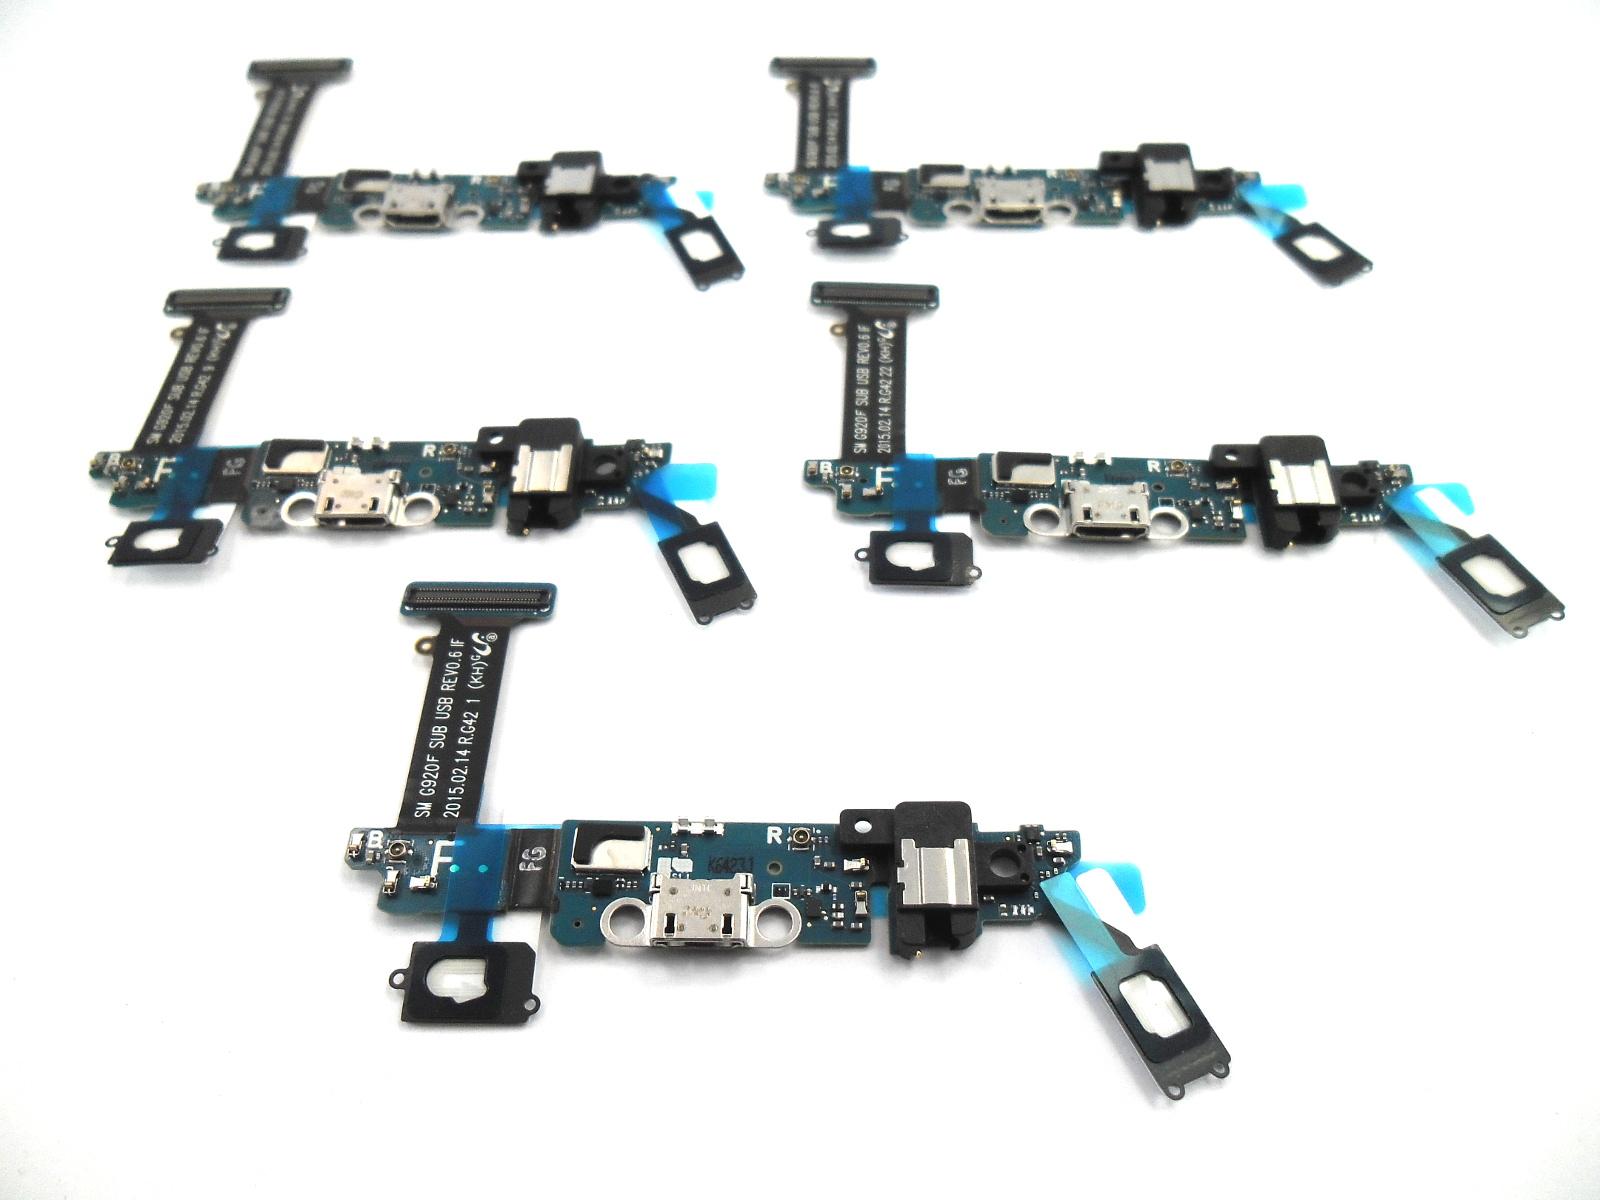 x5 Samsung Galaxy S6 (SM-G920F) Charging connector board gold blue GH96-08275B